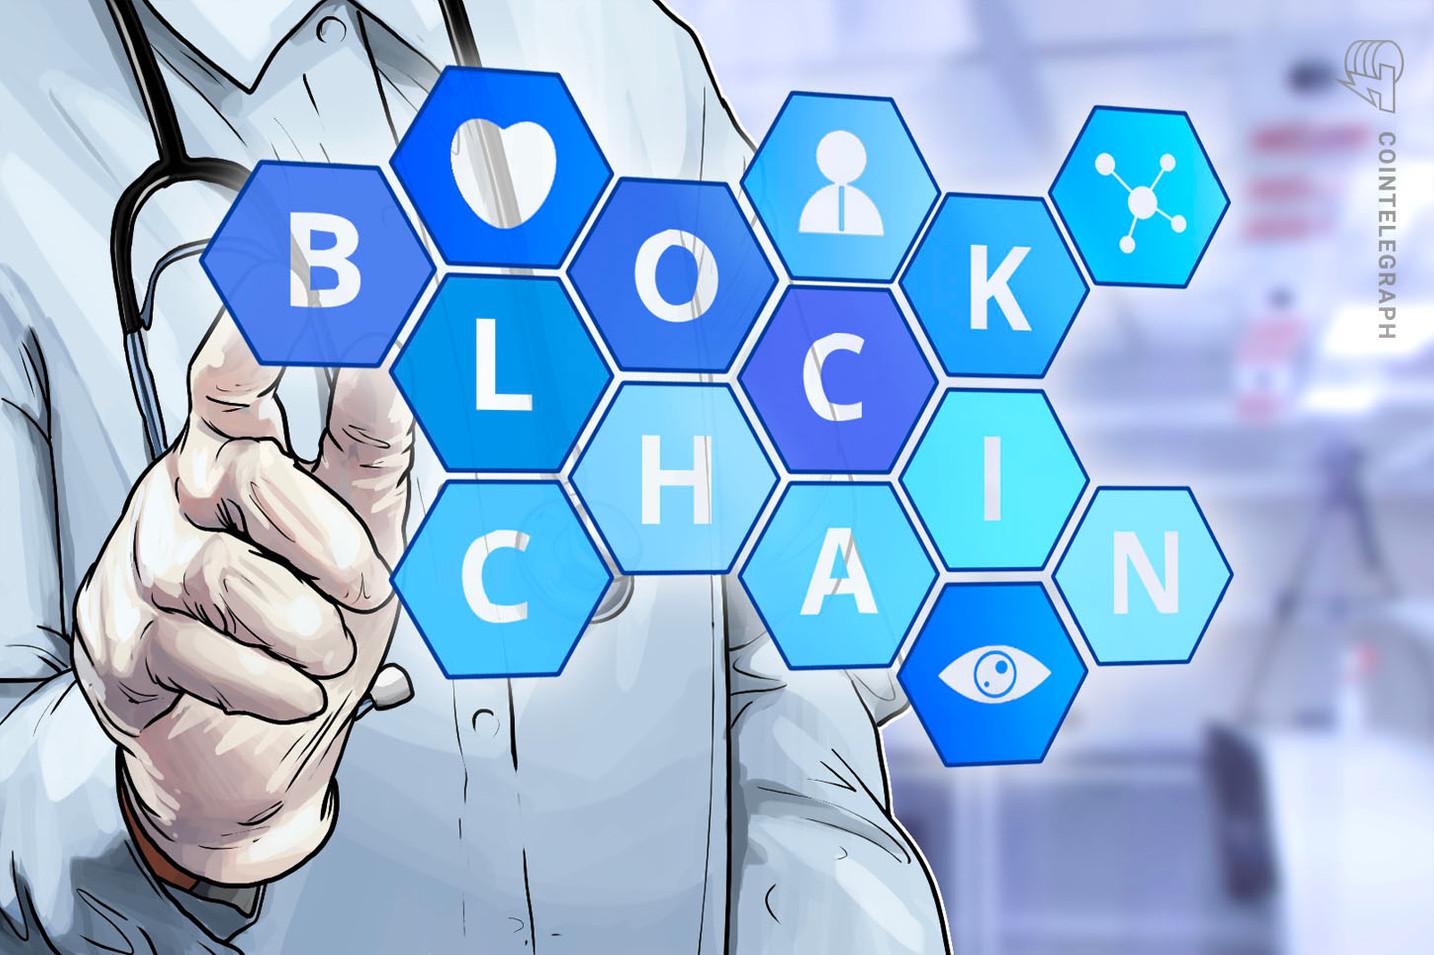 Testata nella provincia cinese dello Zhejiang una piattaforma blockchain per la fatturazione medica